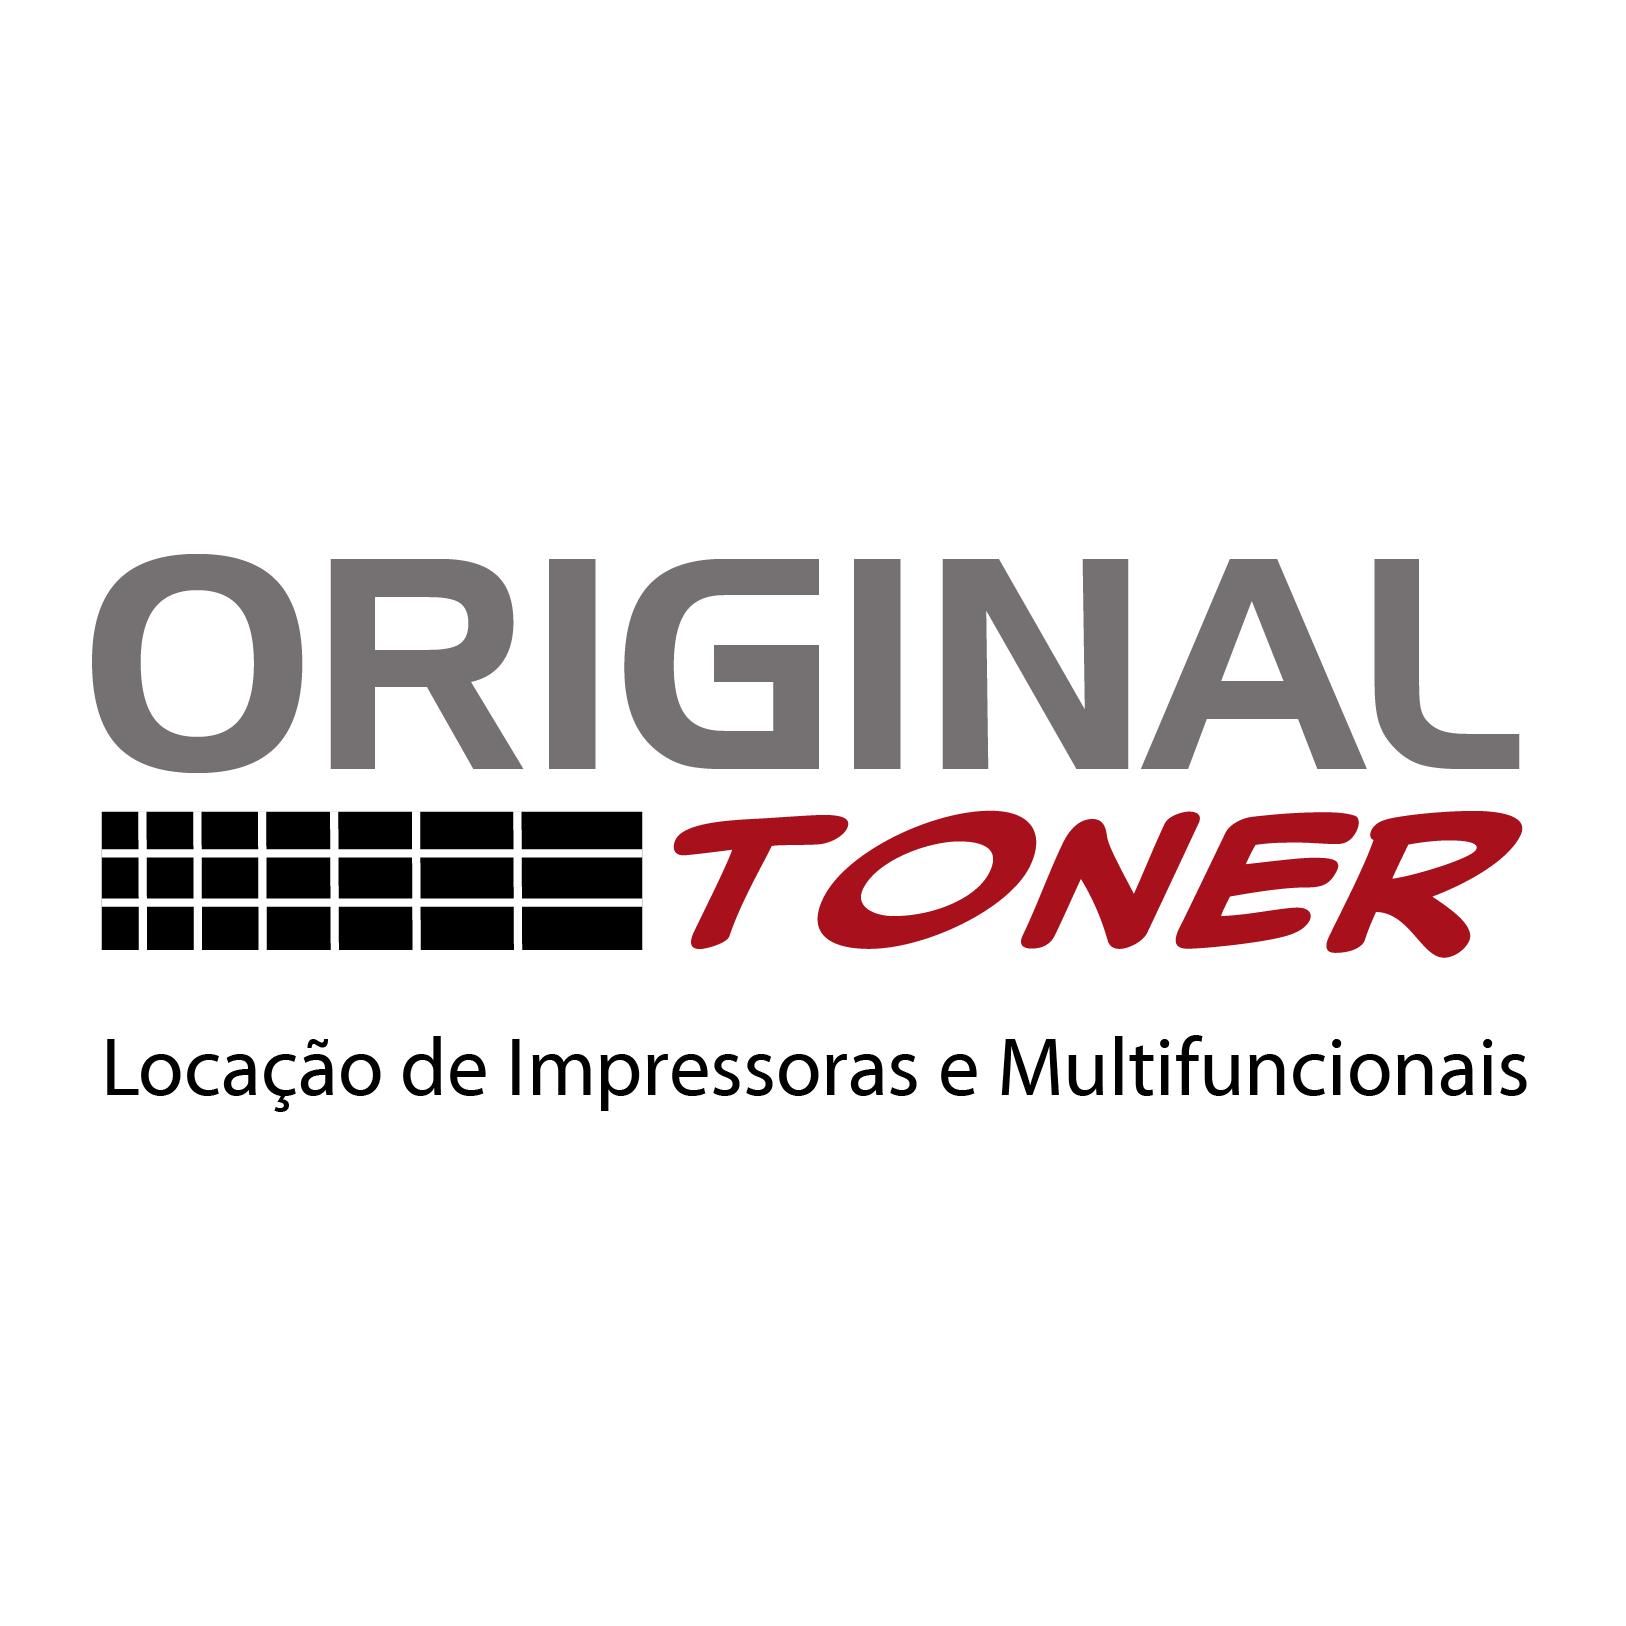 ORIGINAL TONER